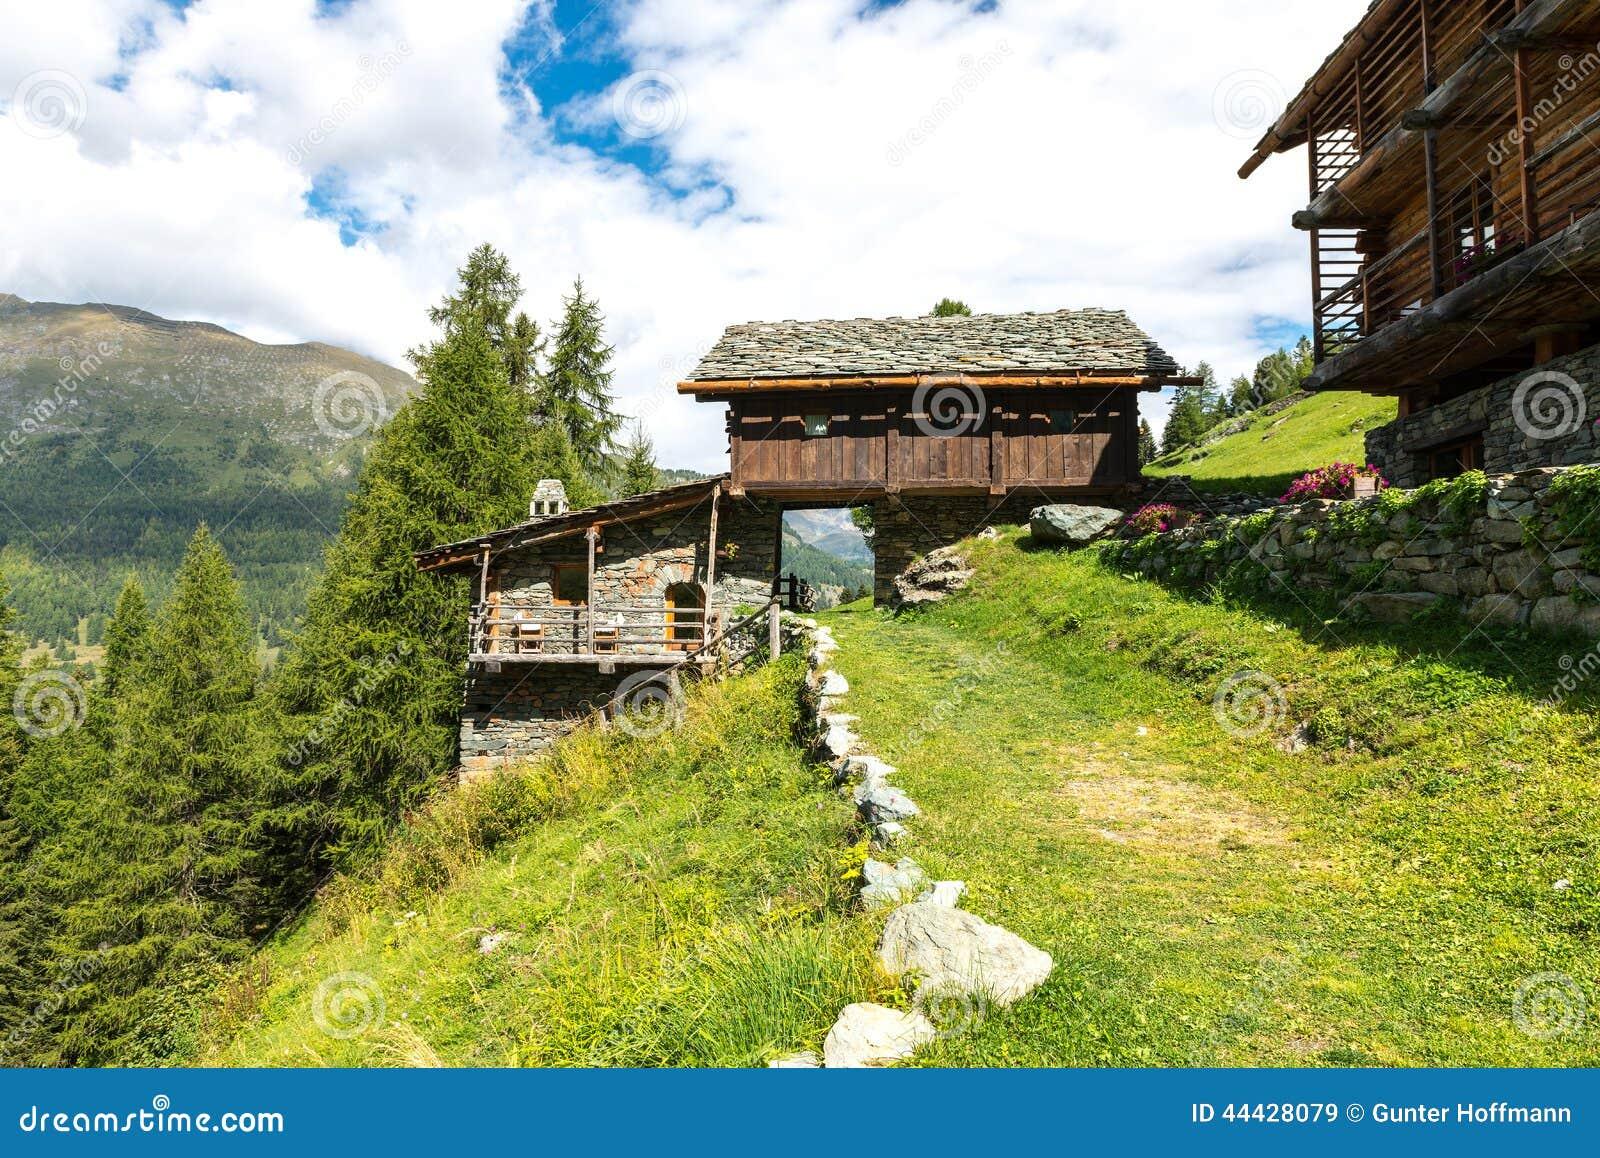 Maisons de walser dans mascognaz italie photo stock for Dans italien